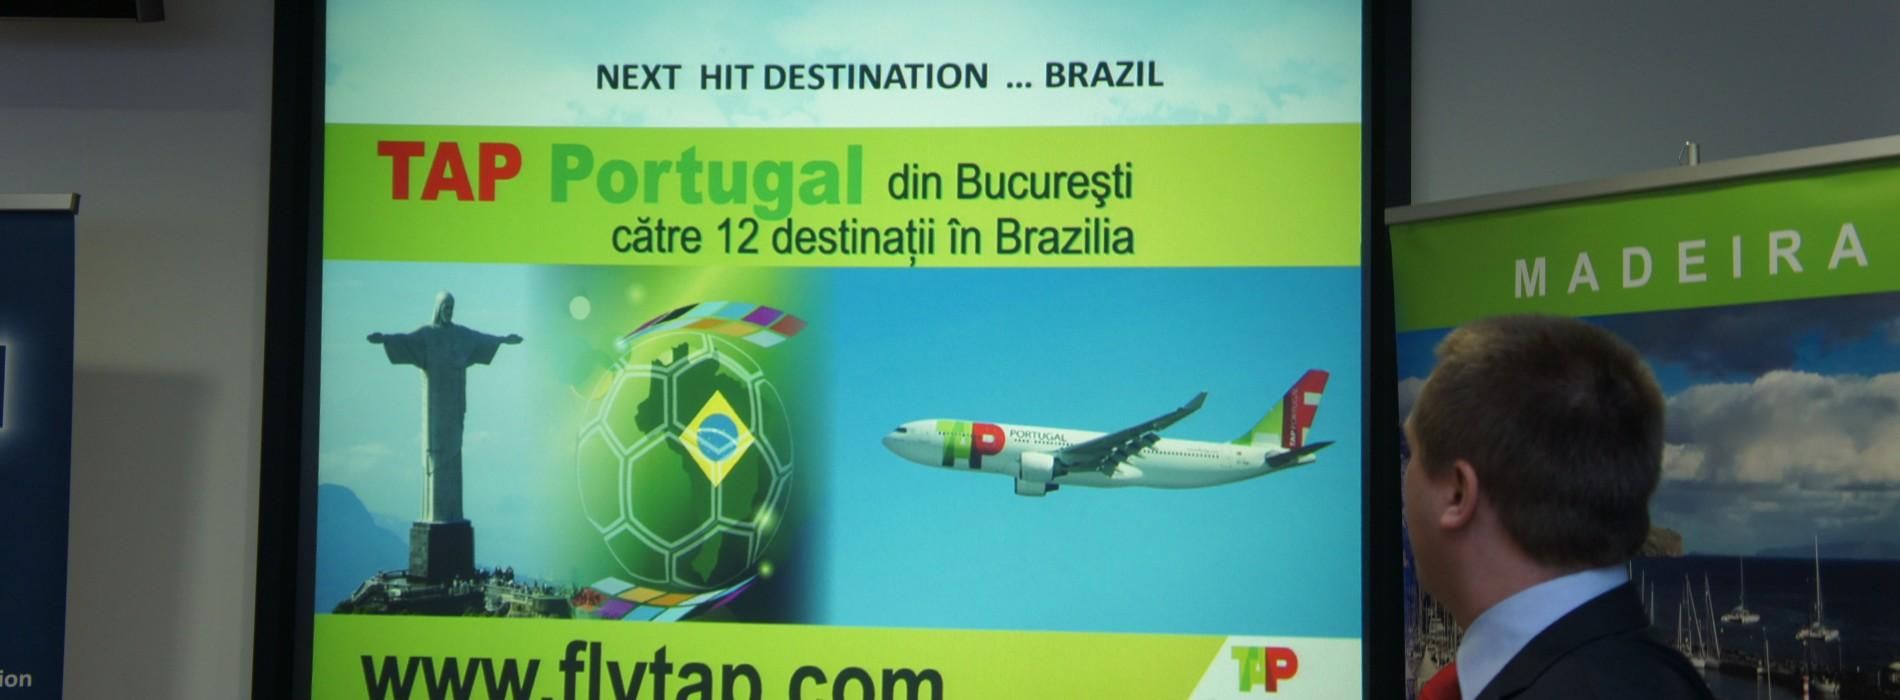 Promoţia TAP Portugalia continuă, iar numărul de zboruri creşte